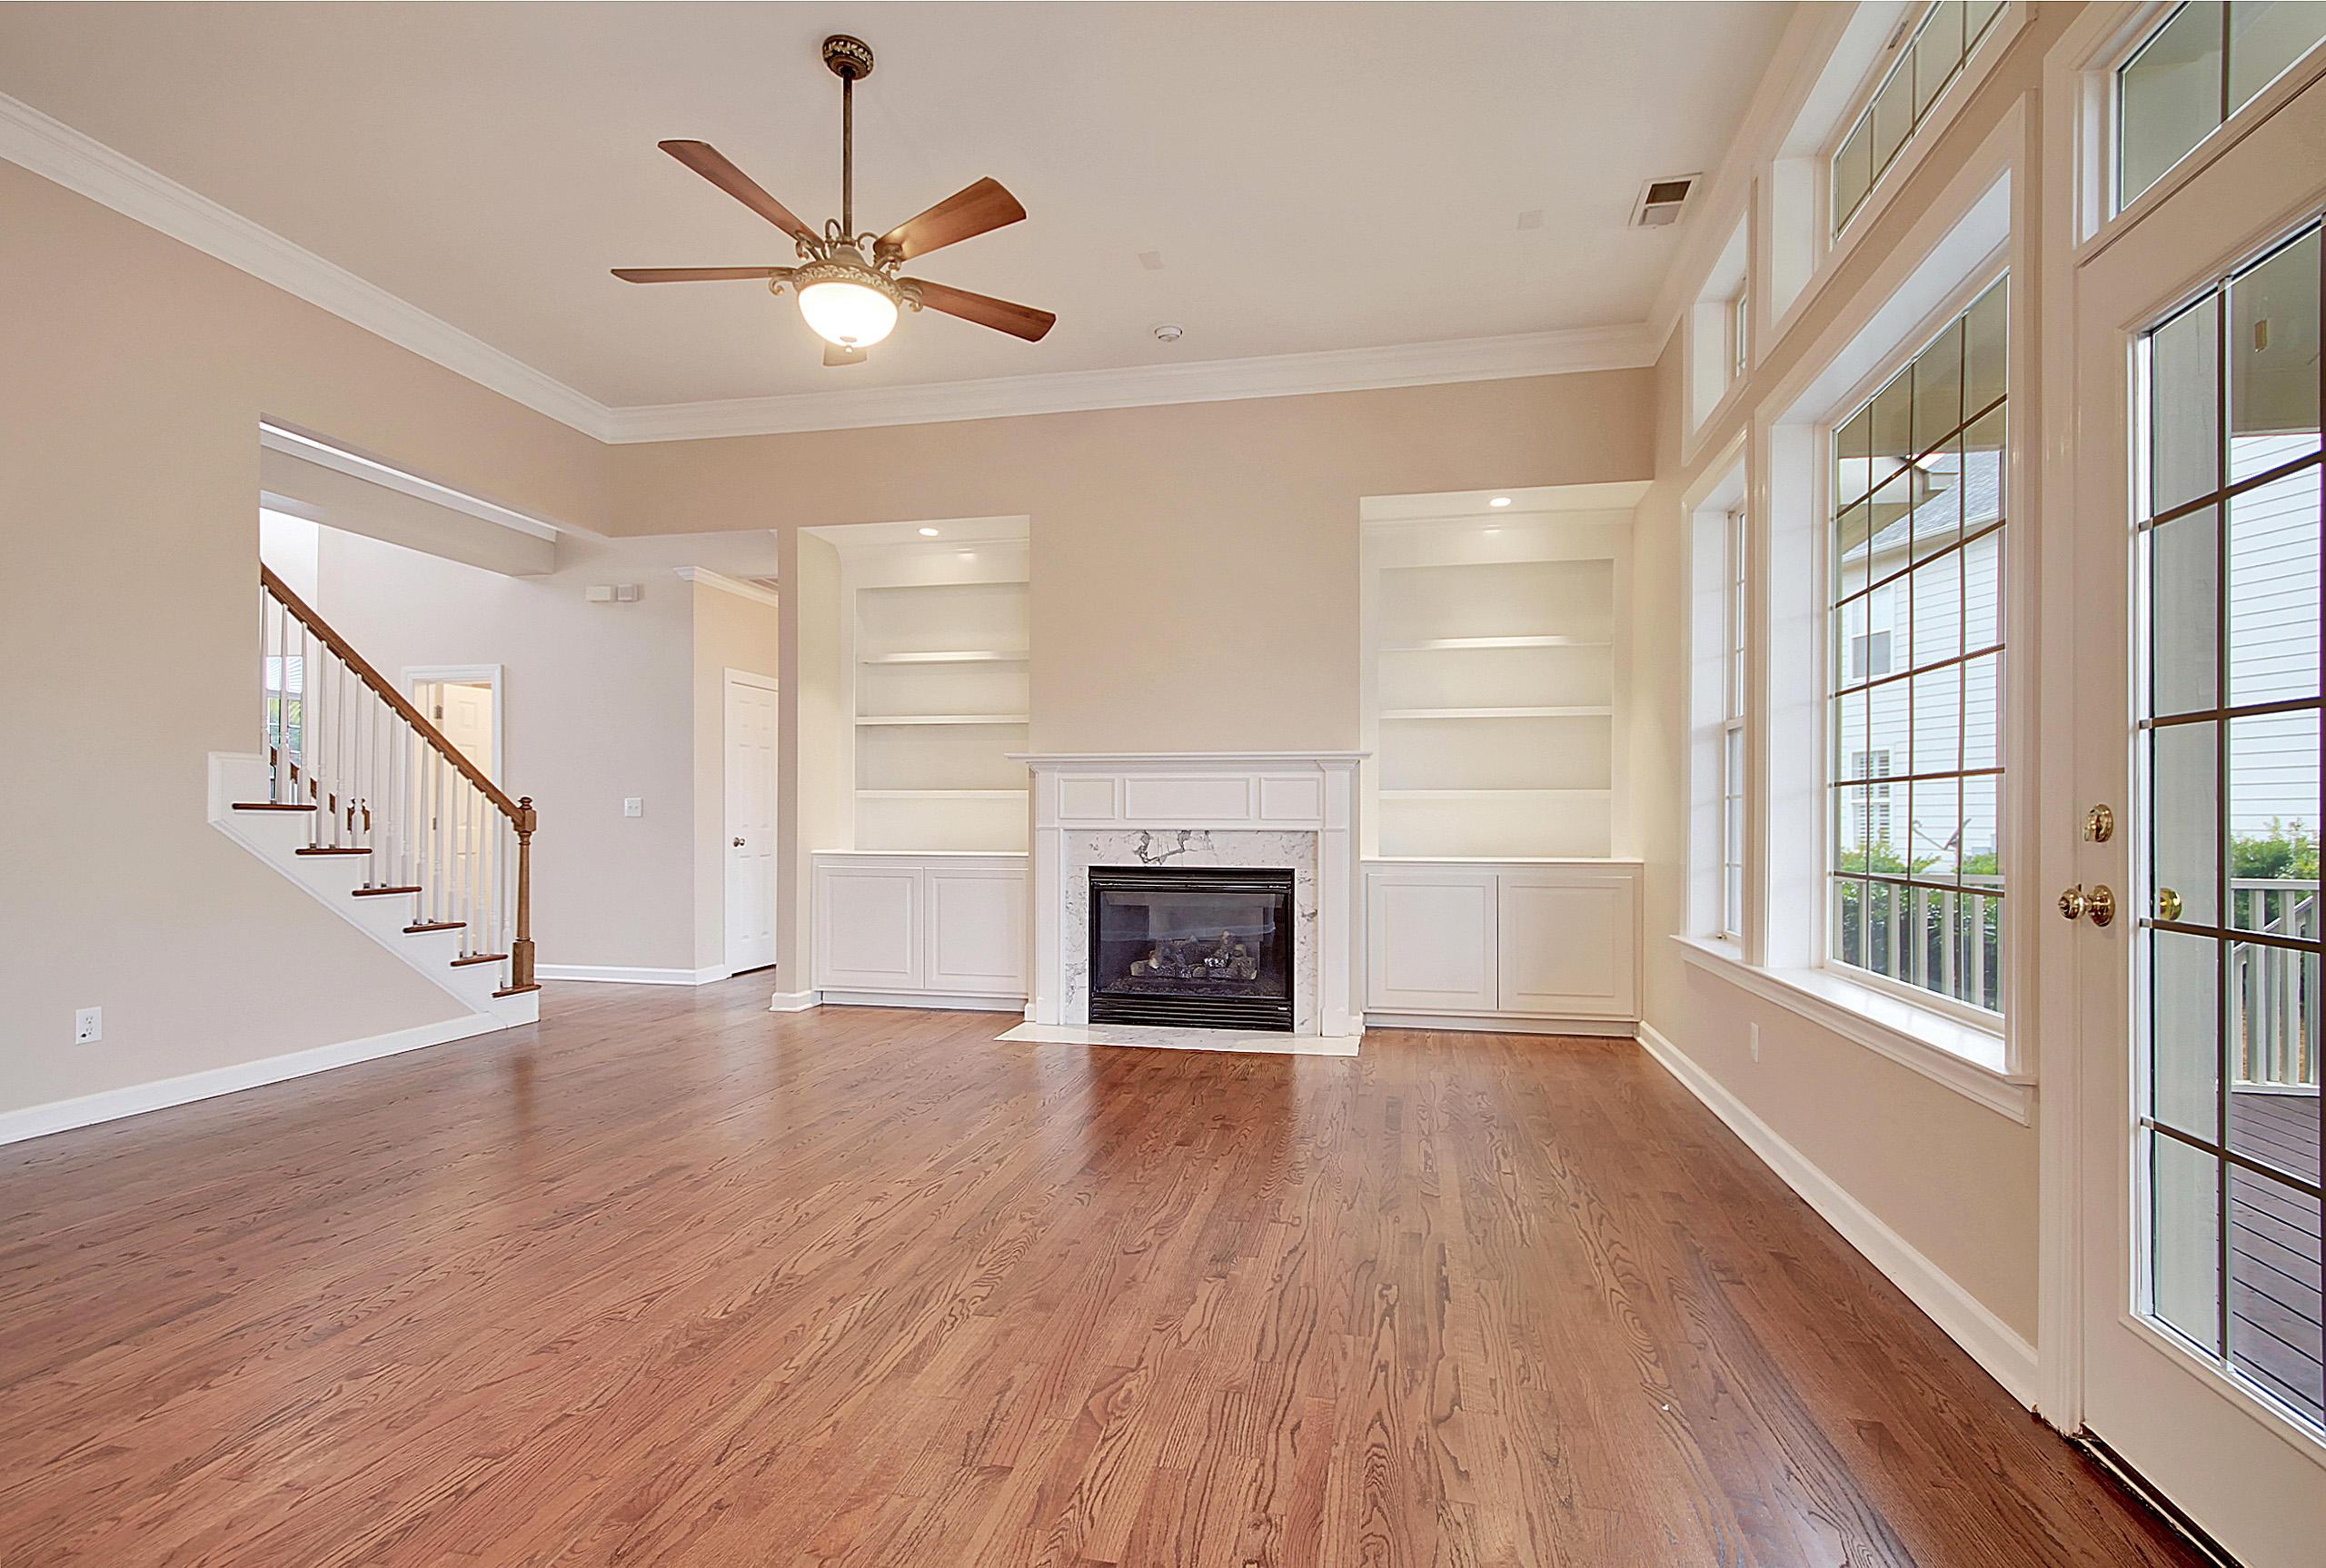 Dunes West Homes For Sale - 1501 Jacaranda, Mount Pleasant, SC - 12